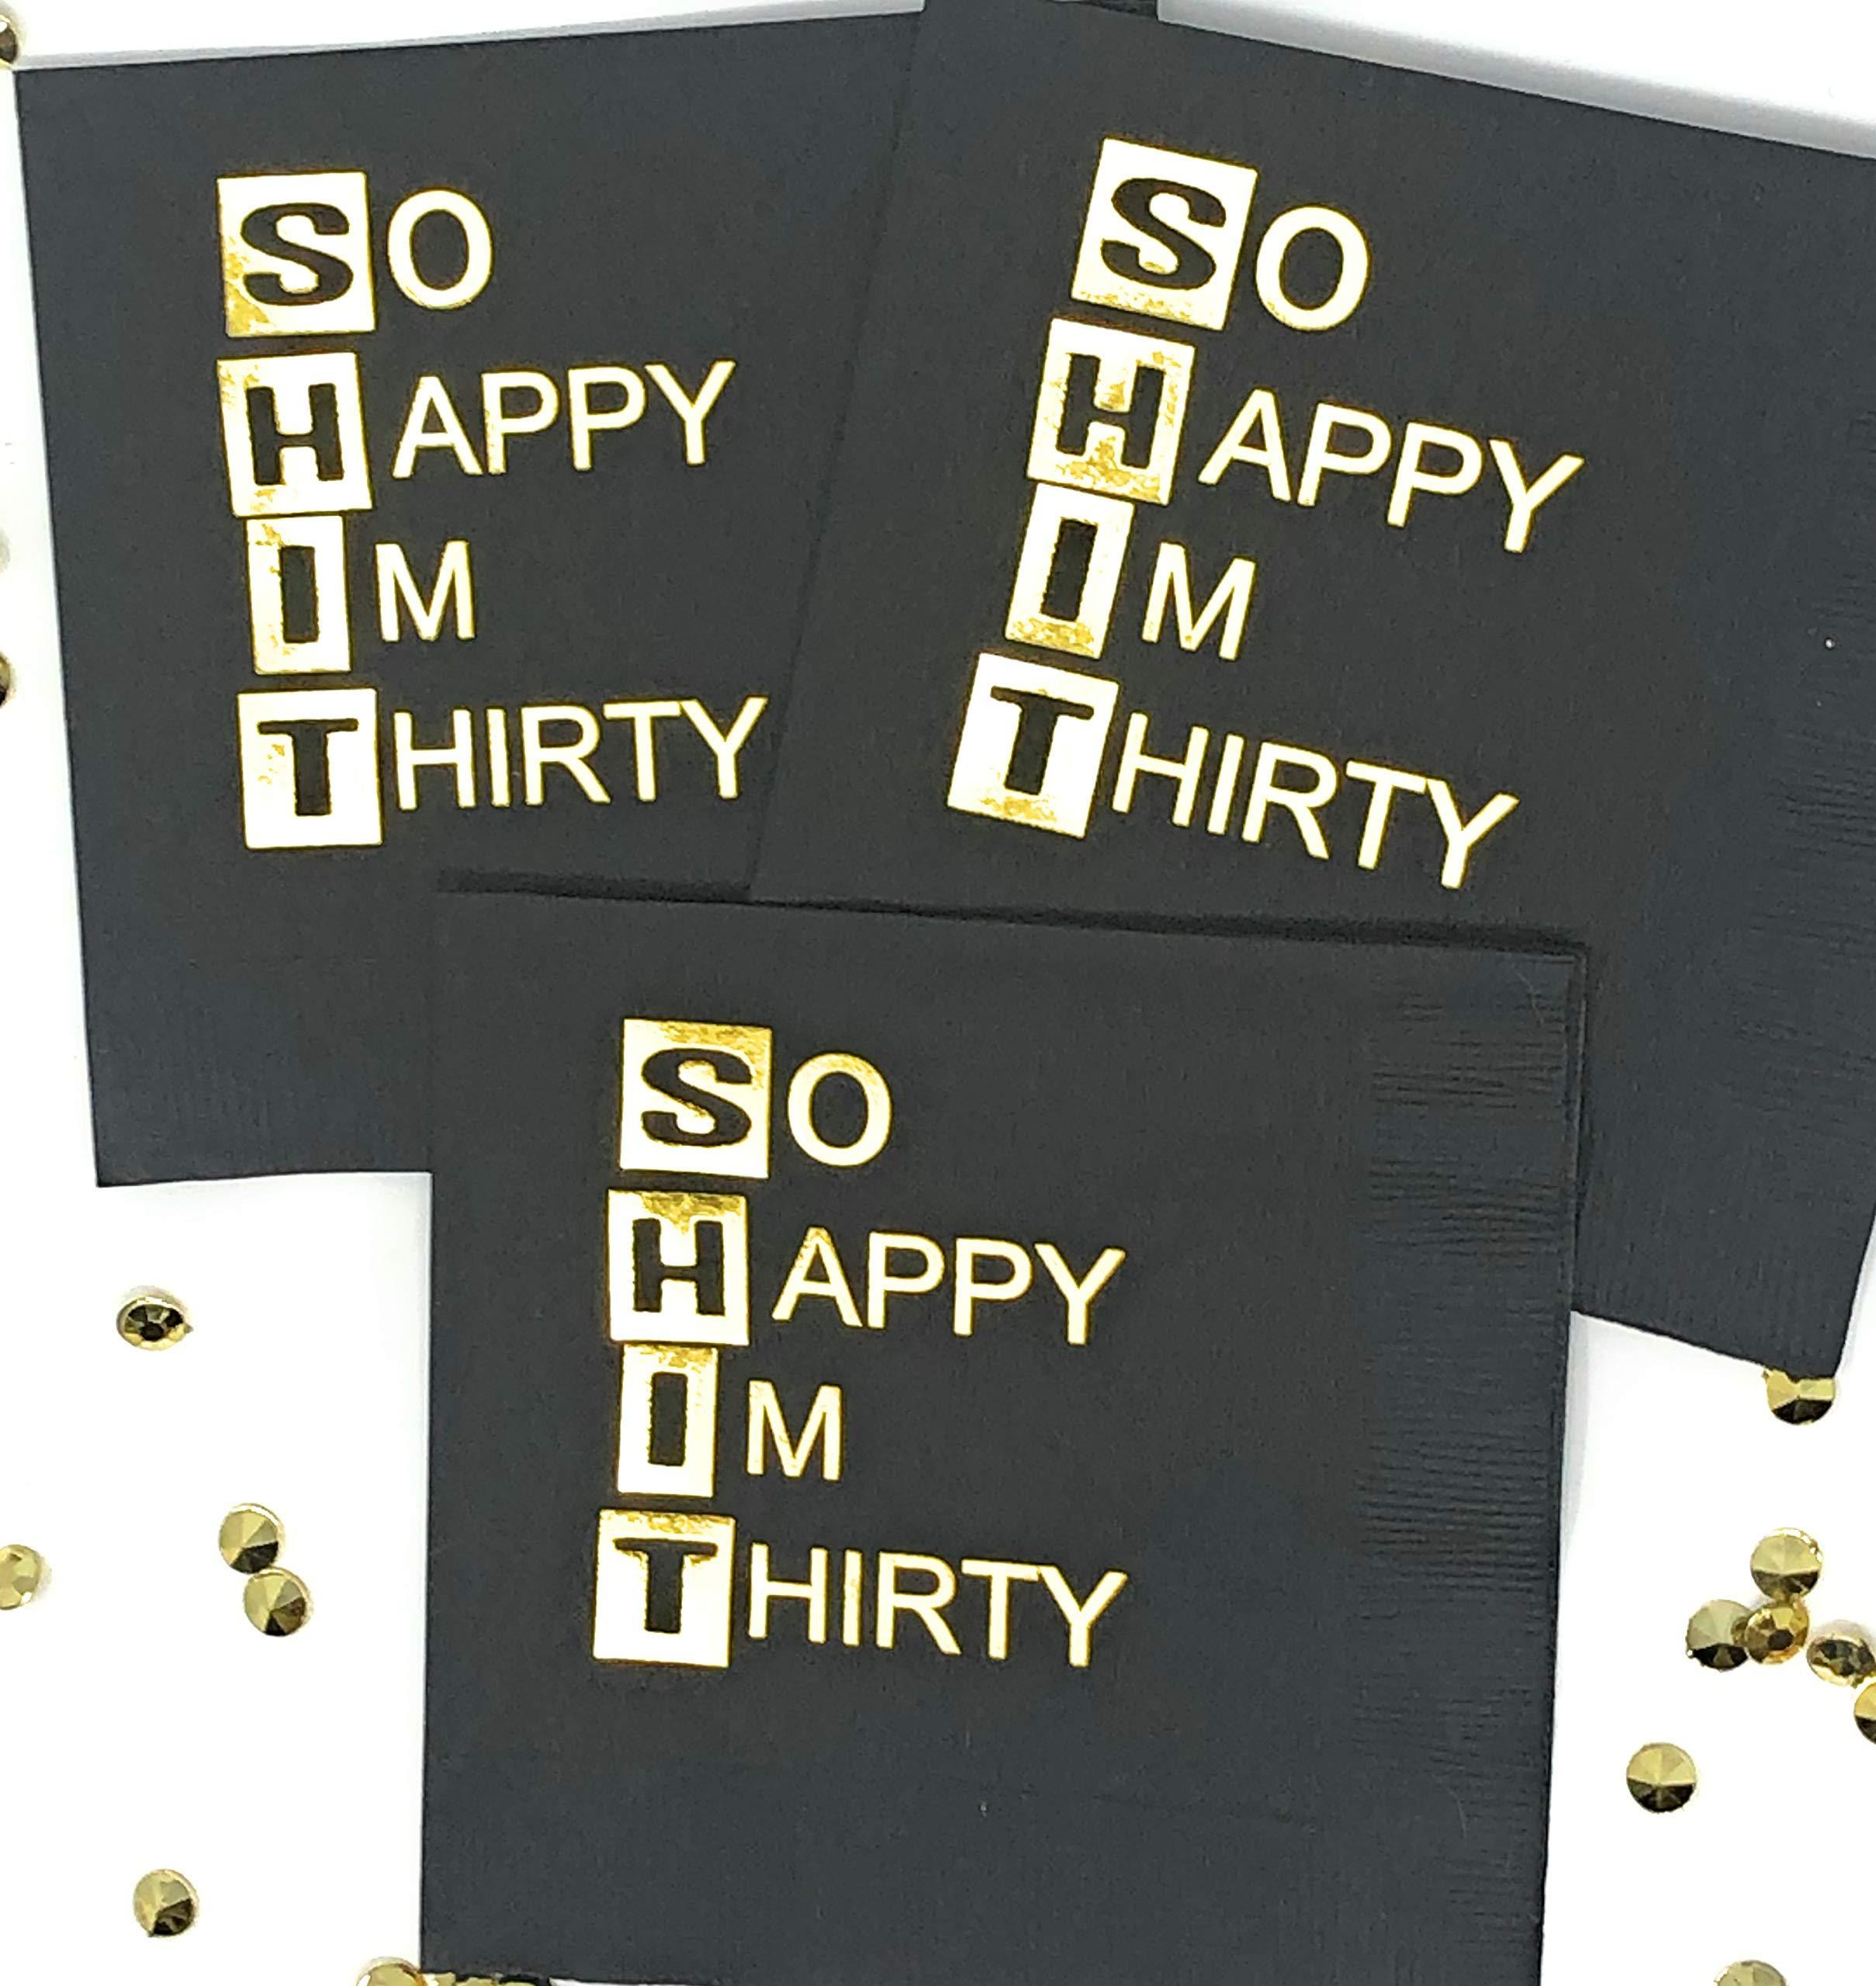 So Happy I'm Thirty Napkins - Set of 25-30th Birthday Beverage Napkins by J & B Enterprises